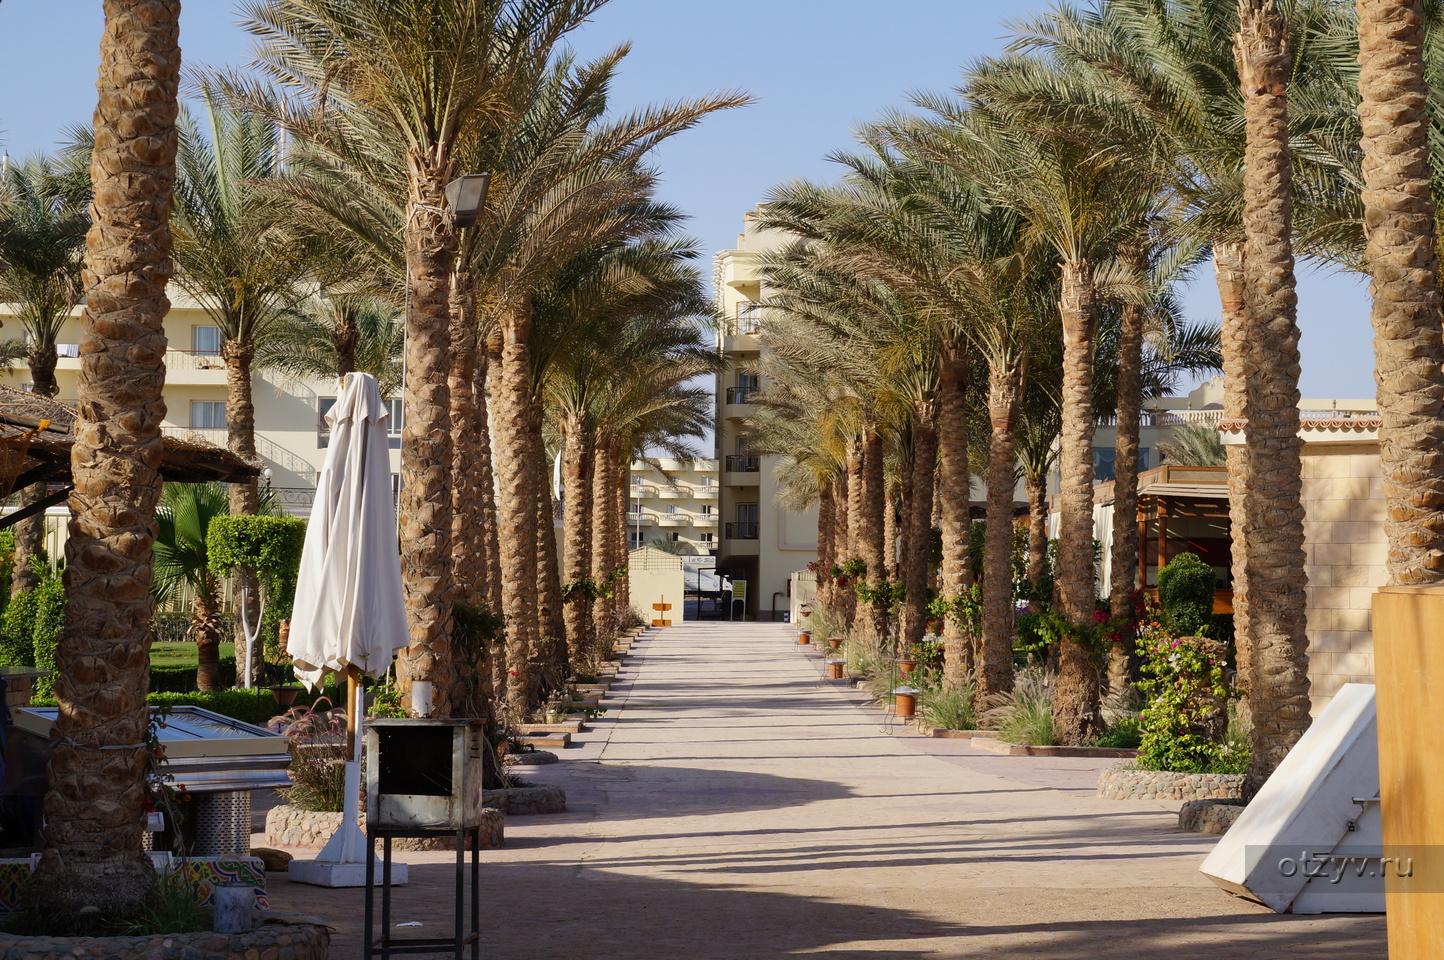 пузырек египет отель фестиваль фото летом сапета